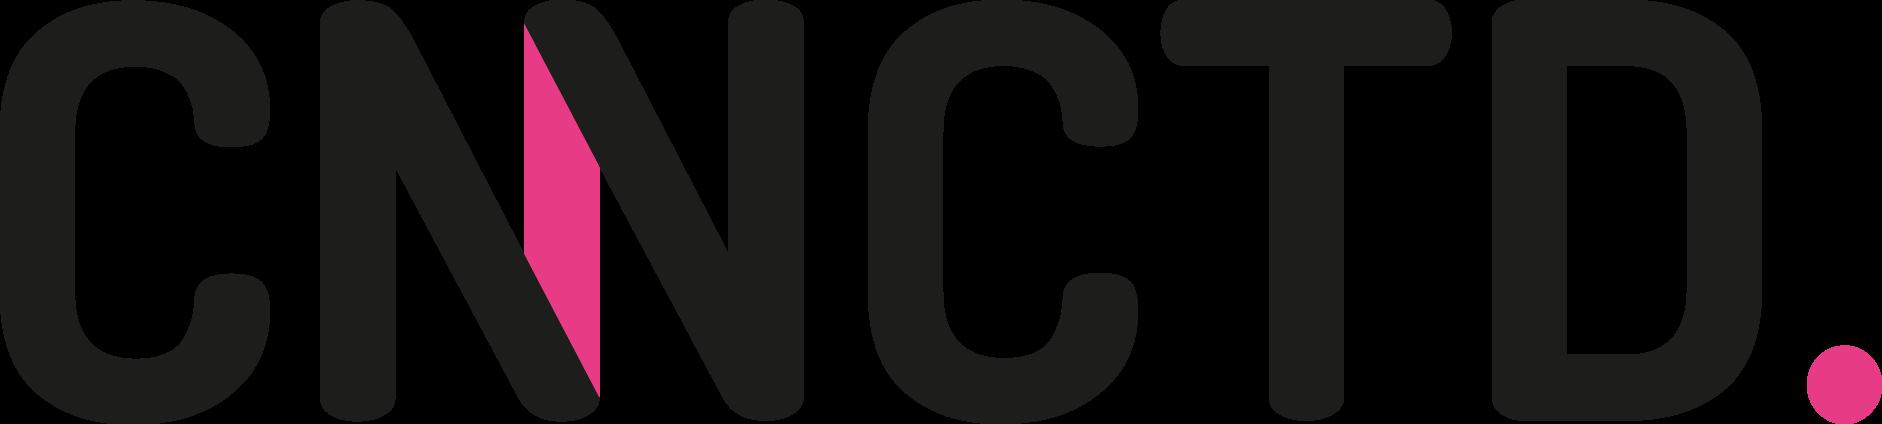 CNNCTD